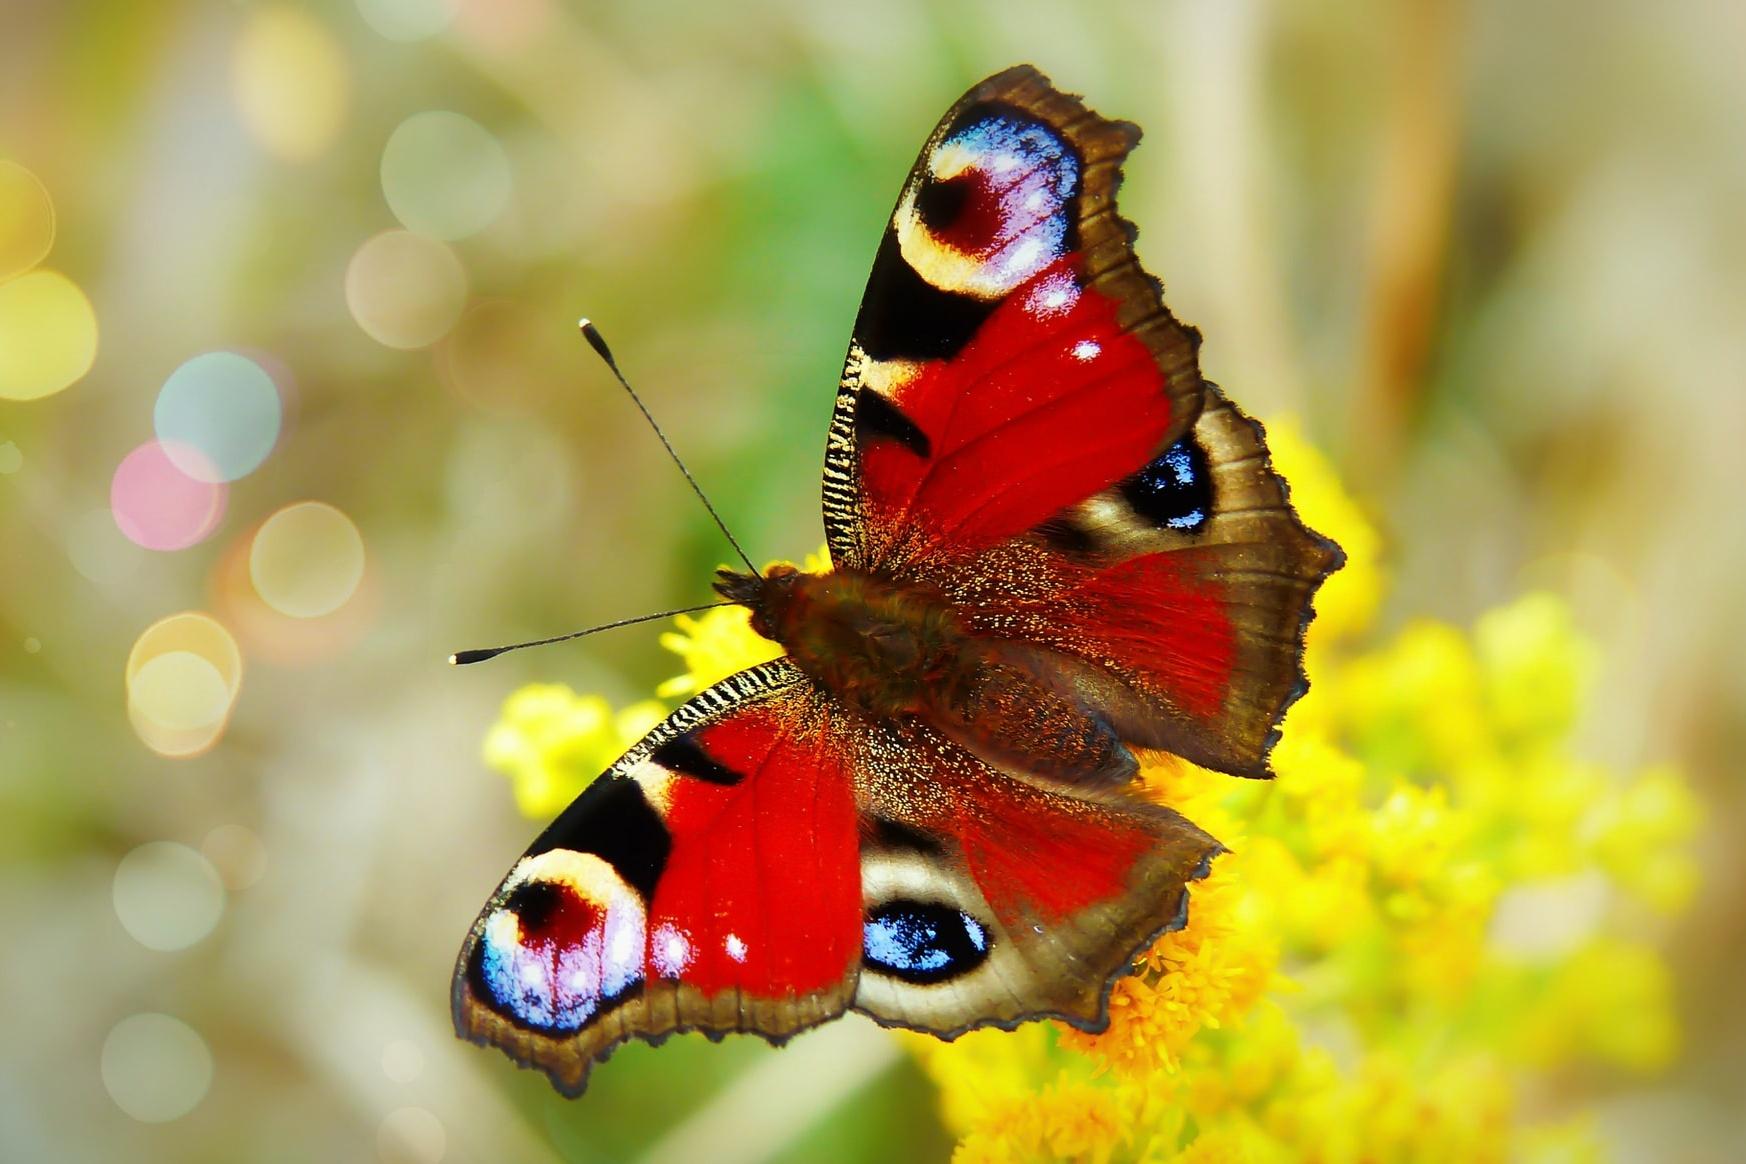 Cocooning: Schmetterling auf gelber Blüte